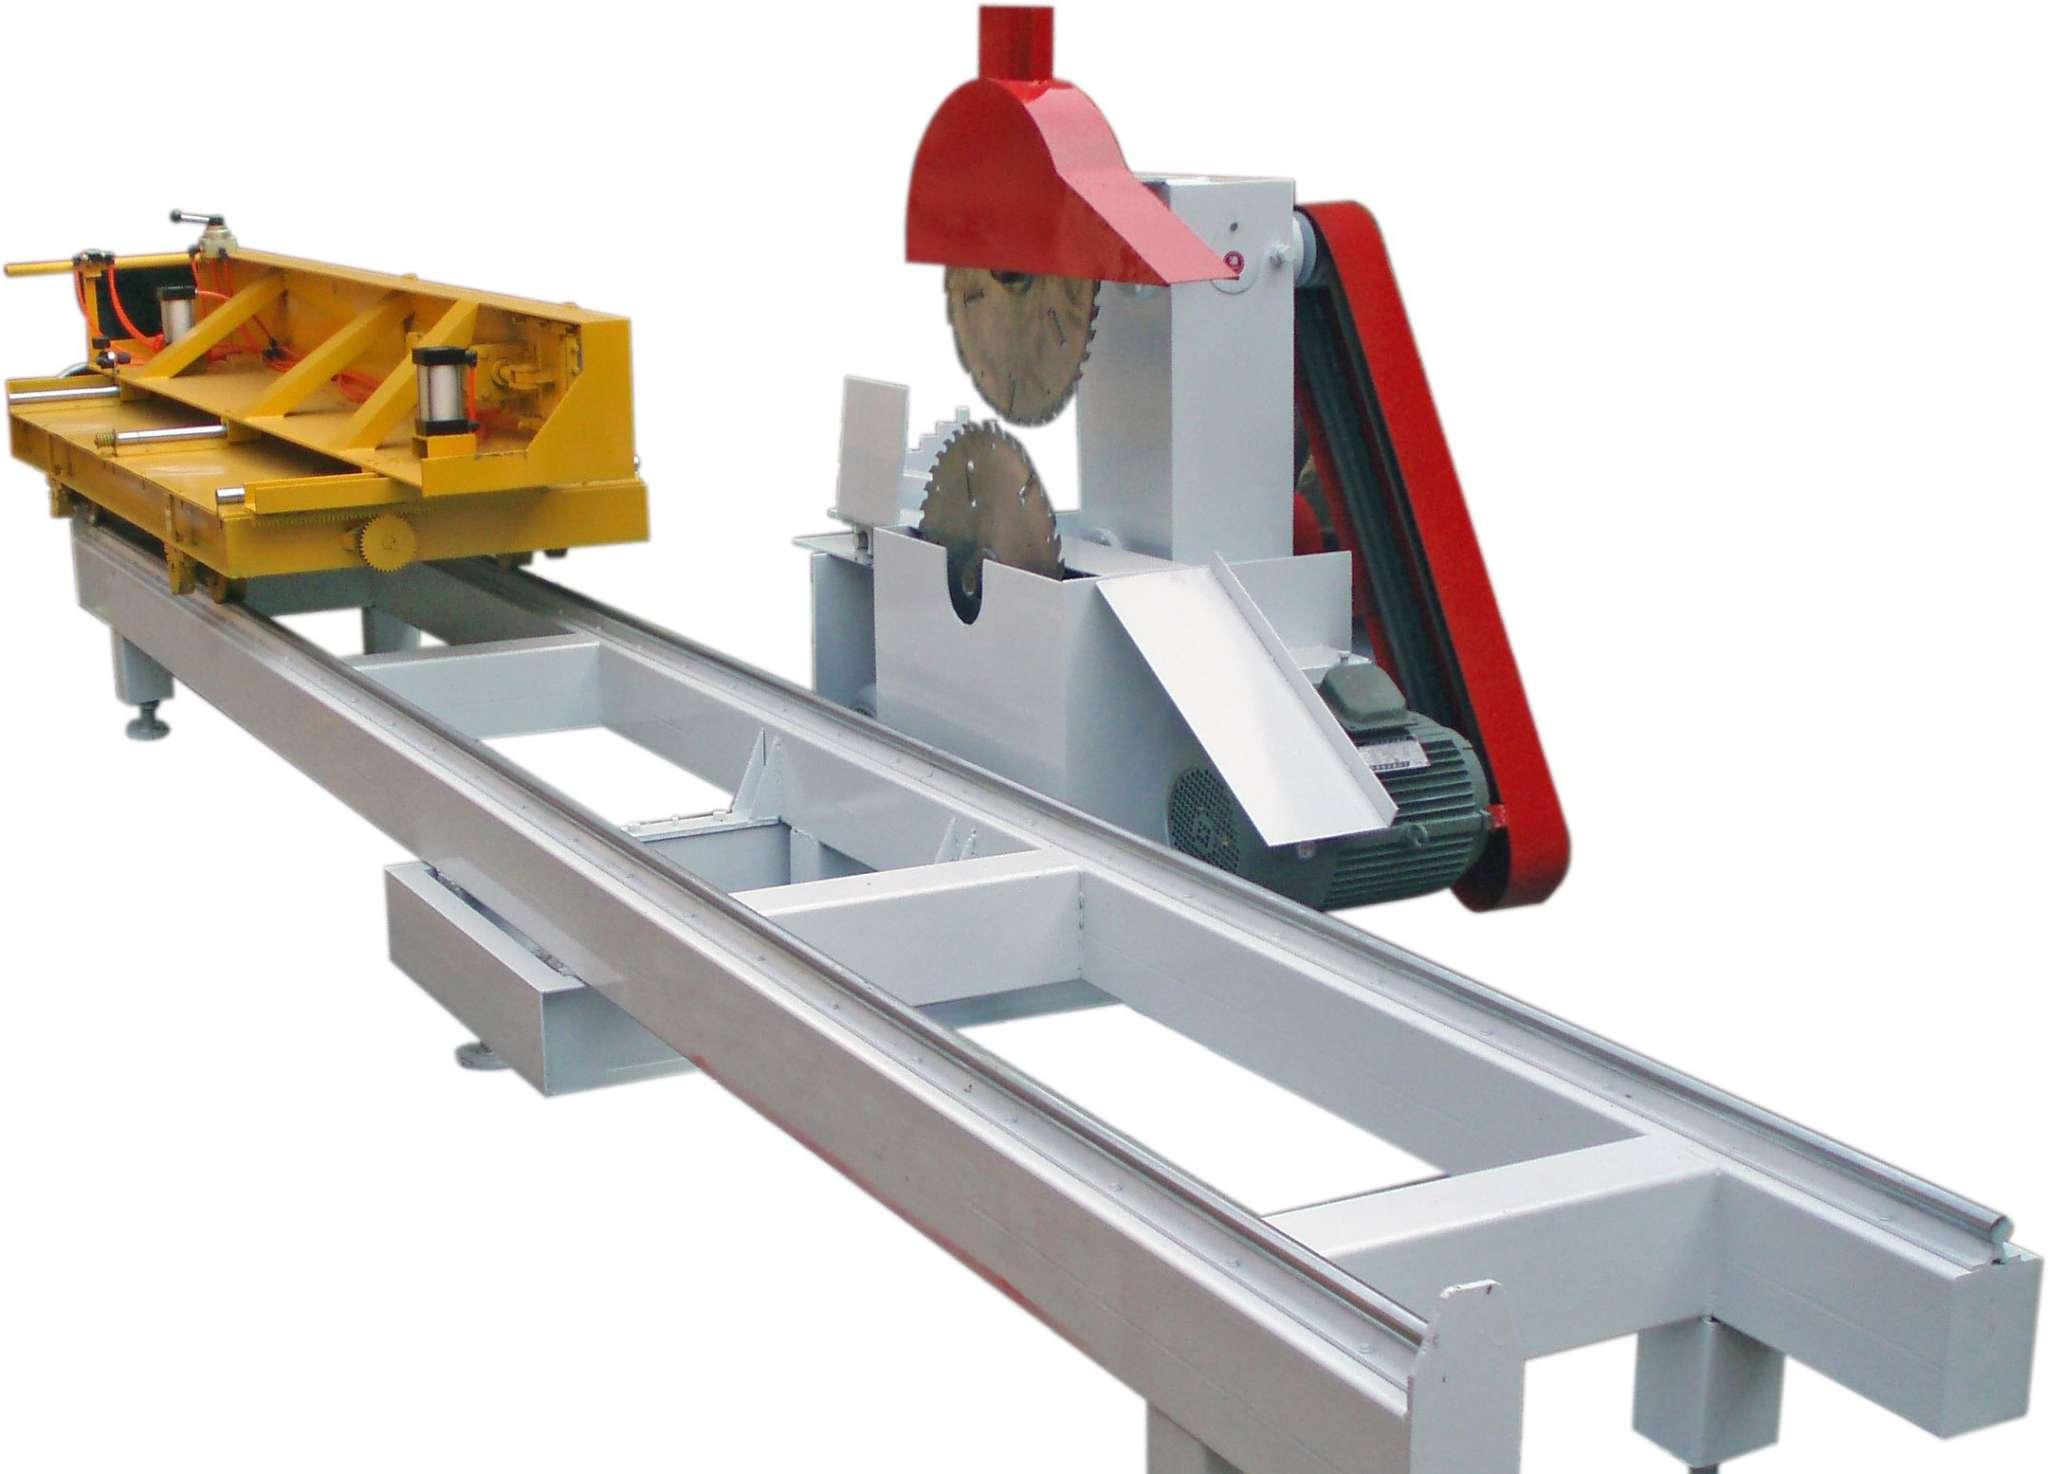 新型木工机械(圆木推台锯),有带锯的性质但功效是带锯的四倍以上